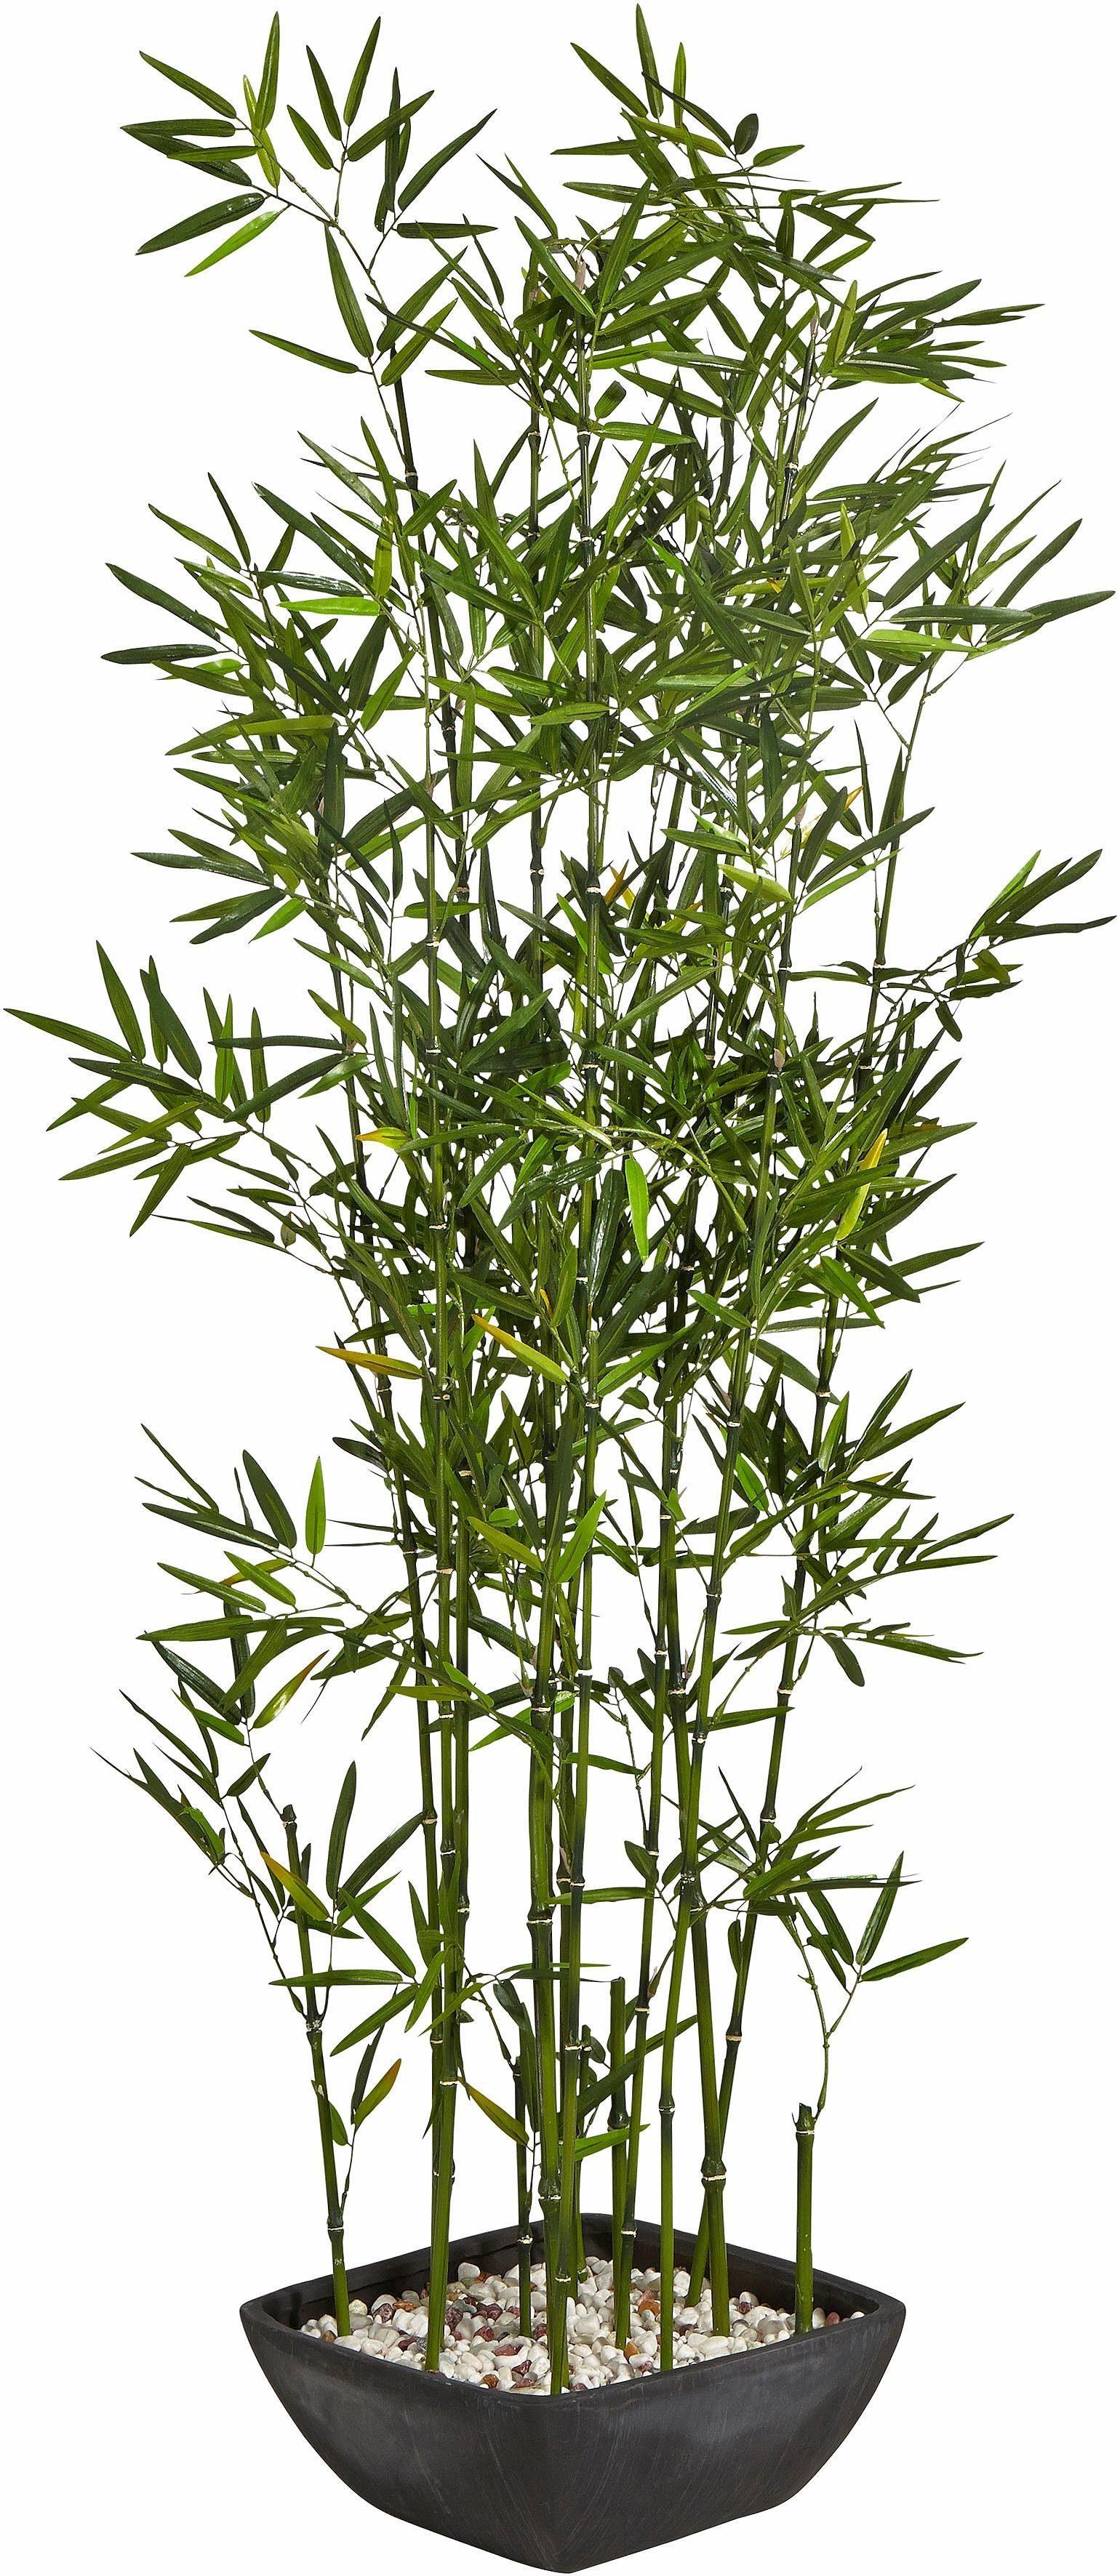 Home affaire Kunstpflanze »Bambus« im Terrakottatopf